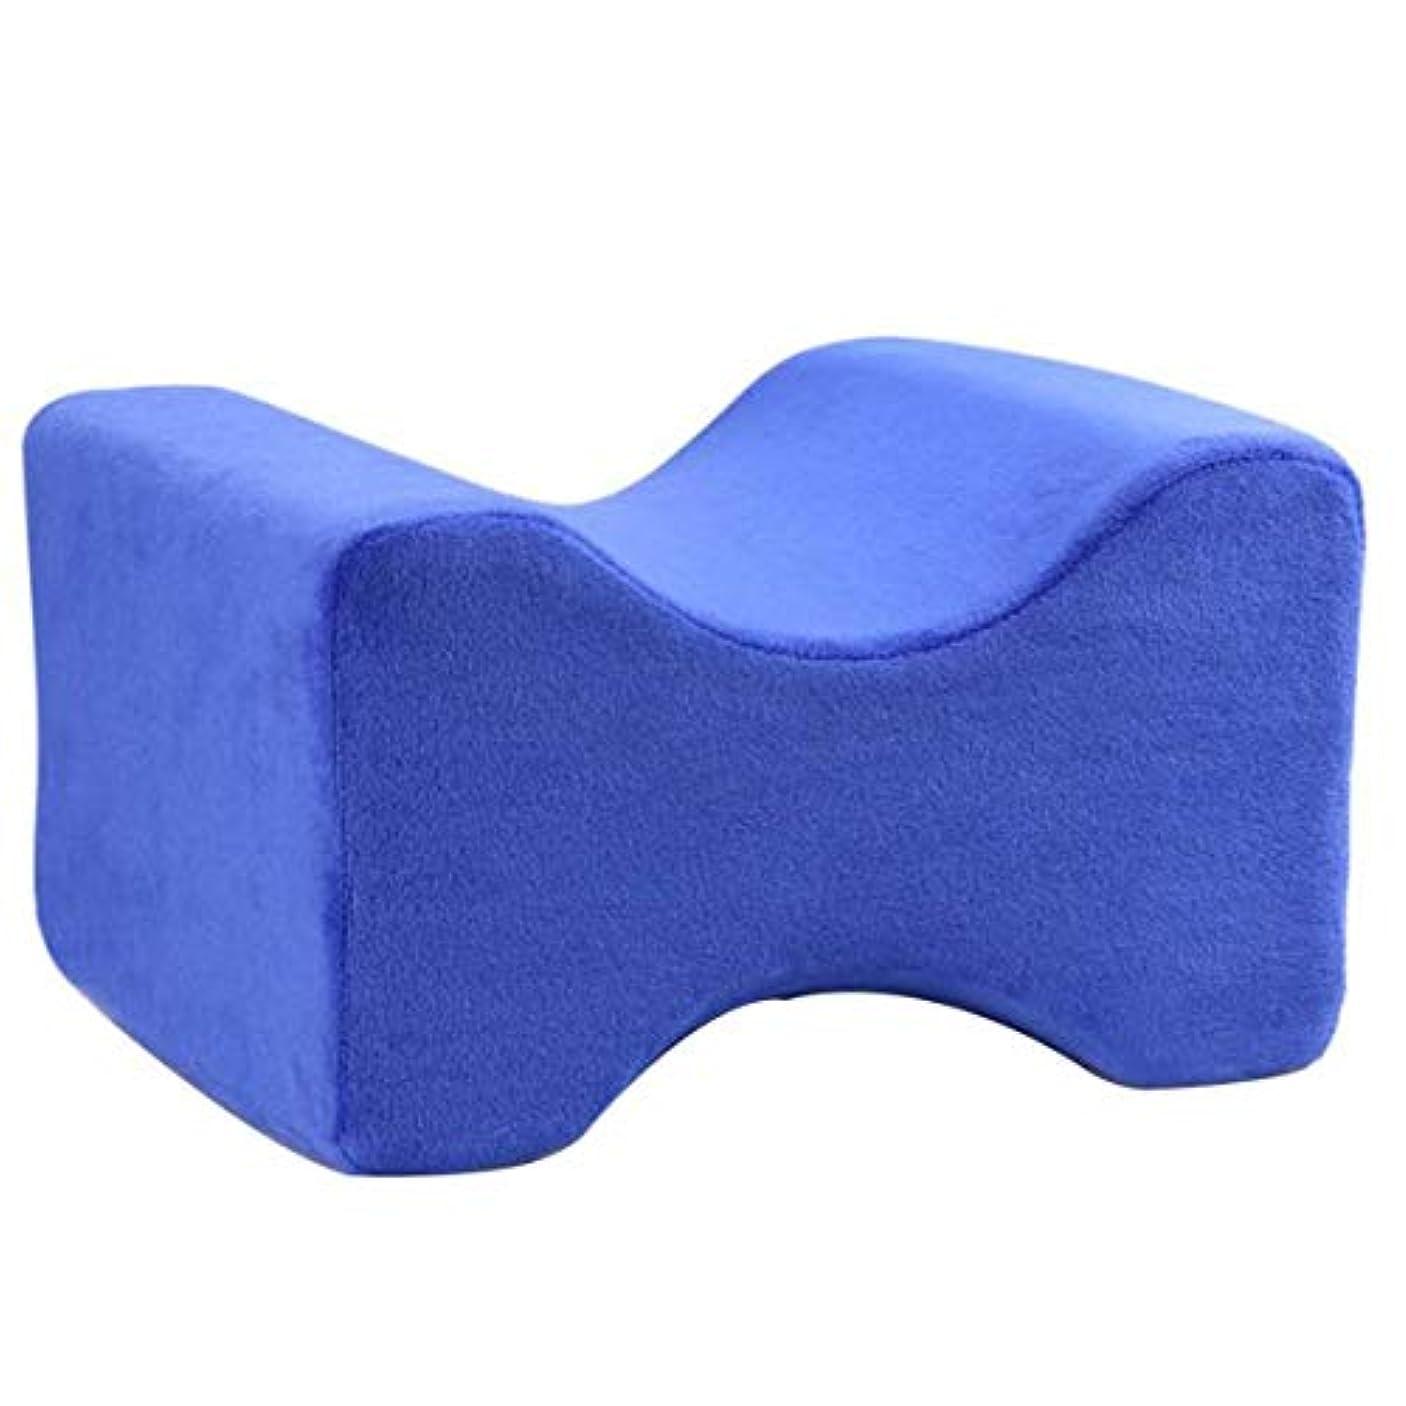 舌巨大八百屋Intercoreyソフト枕膝枕クリップ足低反発ウェッジ遅いリバウンド低反発綿クランプマッサージ枕用男性女性